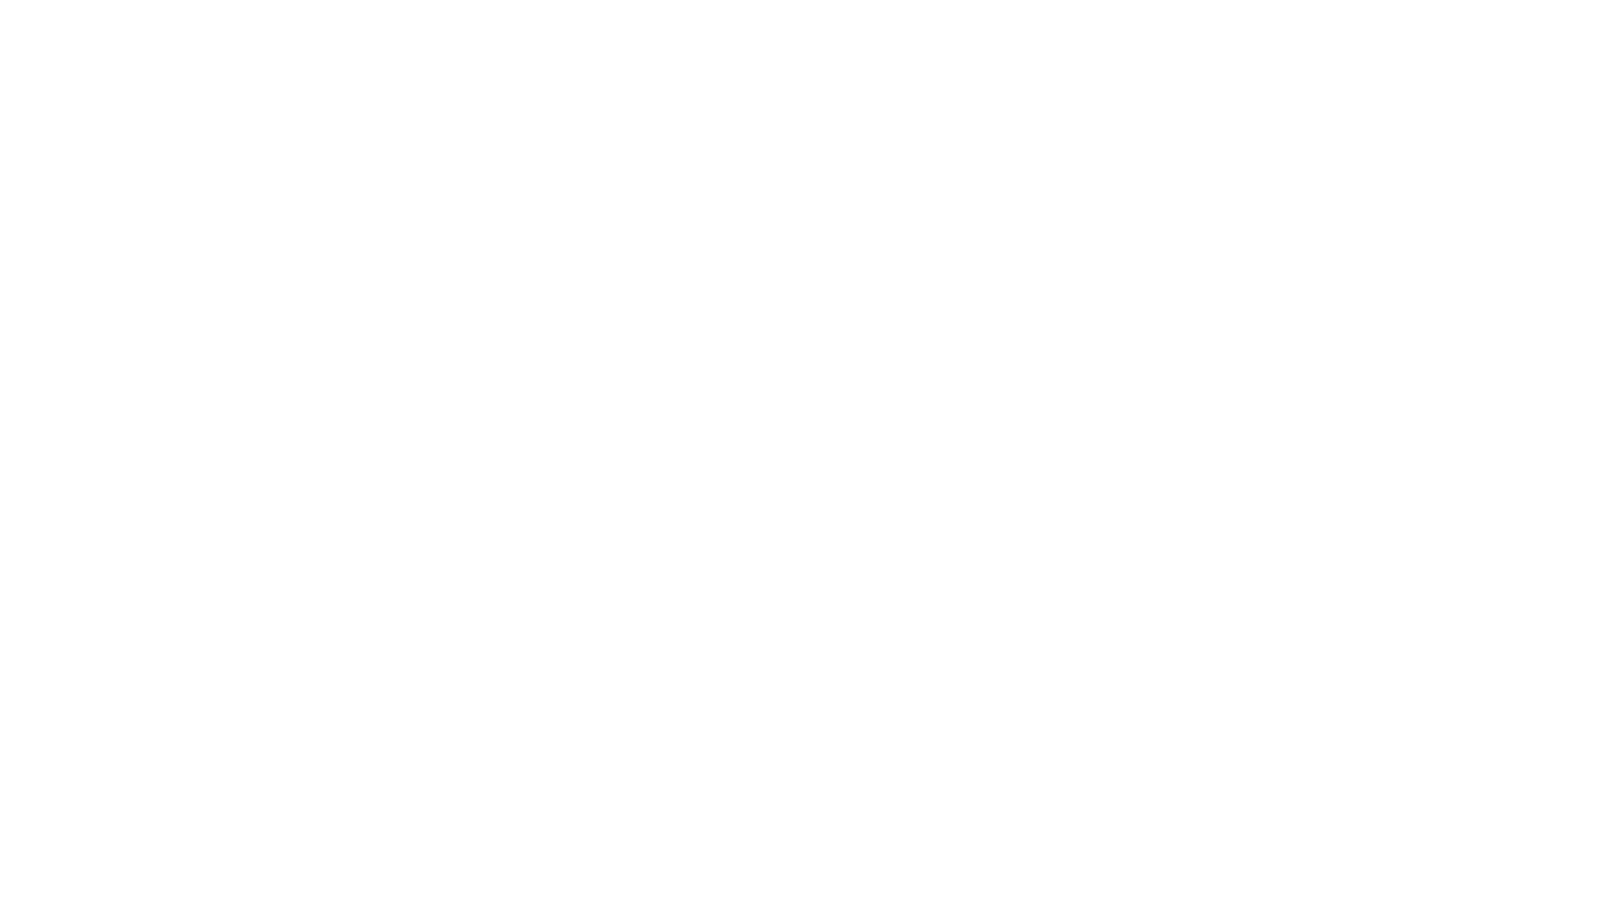 Wenn die Sportstätten wieder aufhaben, unbedingt mal ausprobieren. Es schult die Hand- und Augenkoordination.  Hier von den Vereinsmeisterschaften 2020.  Video © Benjamin Fritzsch | Sportler (v.l.): Aki Dani und Rainer Naumann